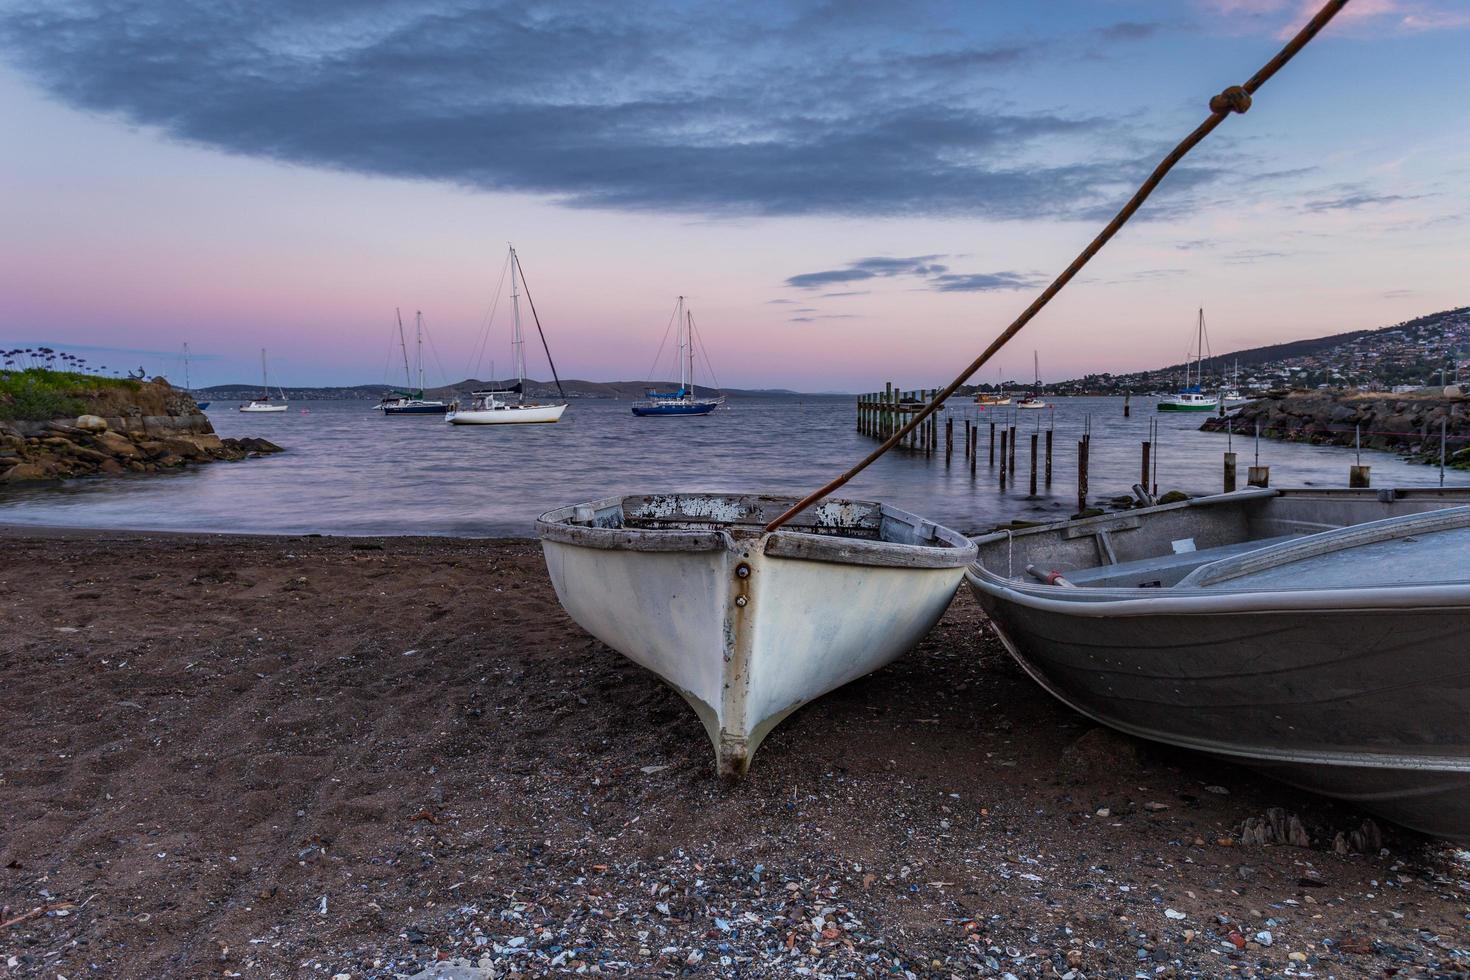 barche sulla sabbia e in acqua foto